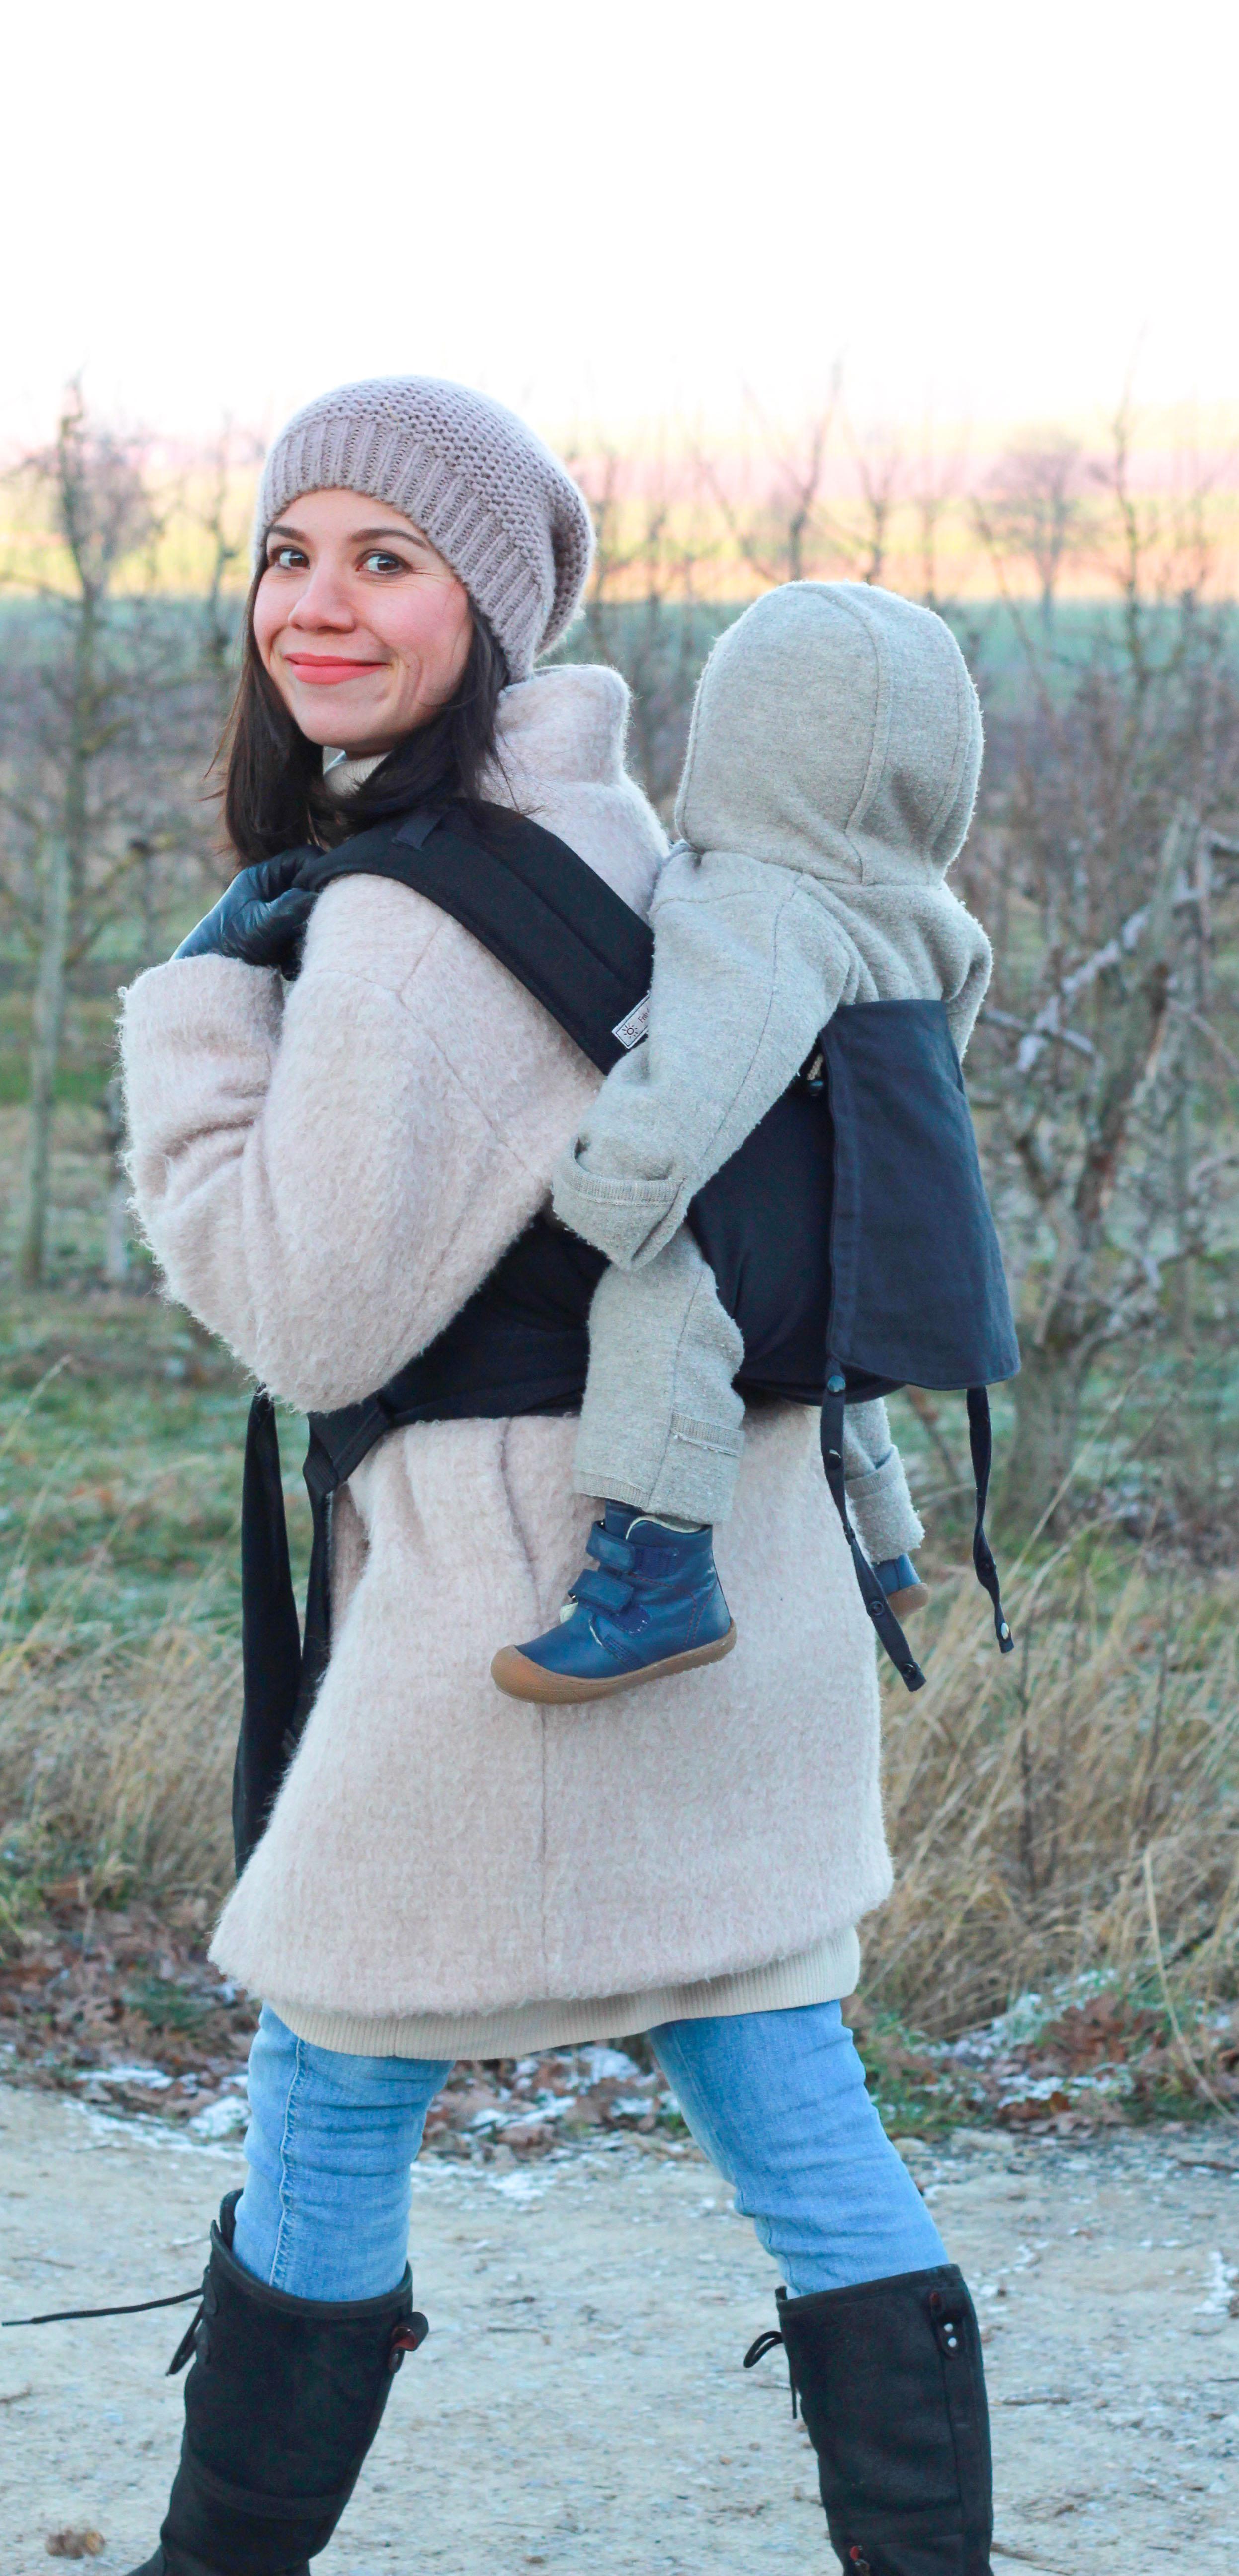 Fräulein Hübsch Tragehilfe Erfahrungsbericht_Halfie's Style Blog_Mamablog_3